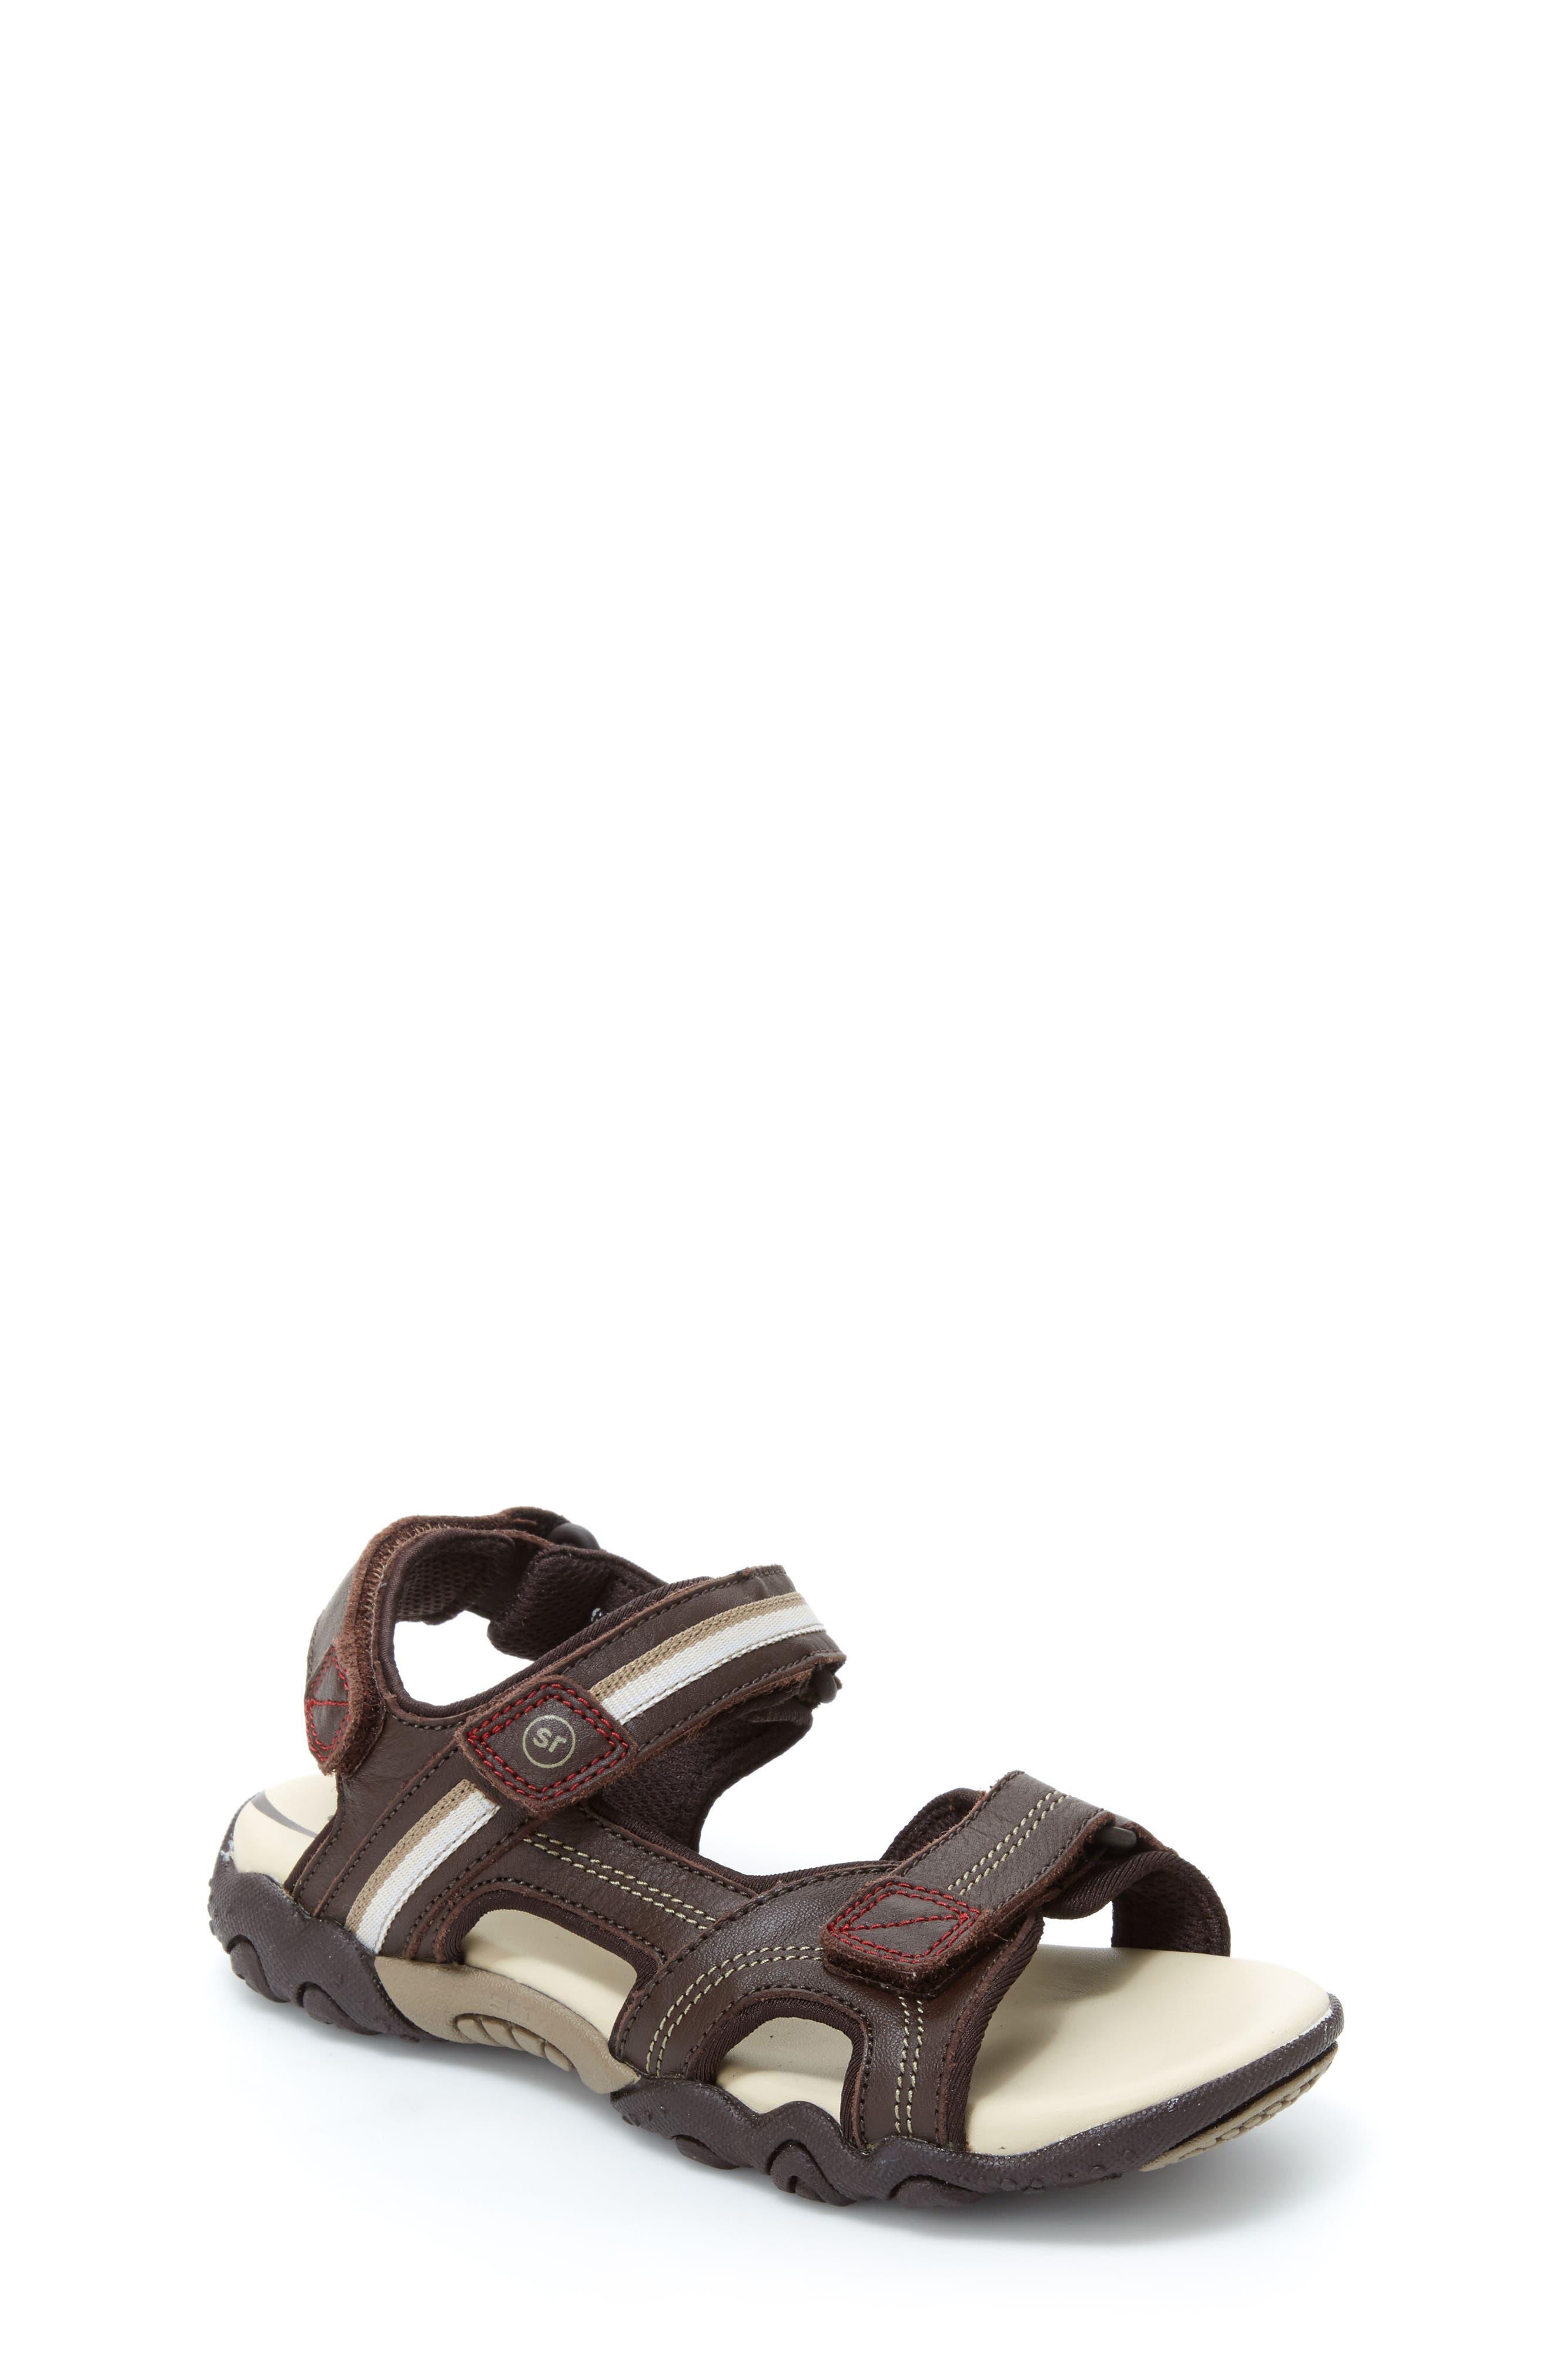 Garth Active Sandal,                             Main thumbnail 1, color,                             200